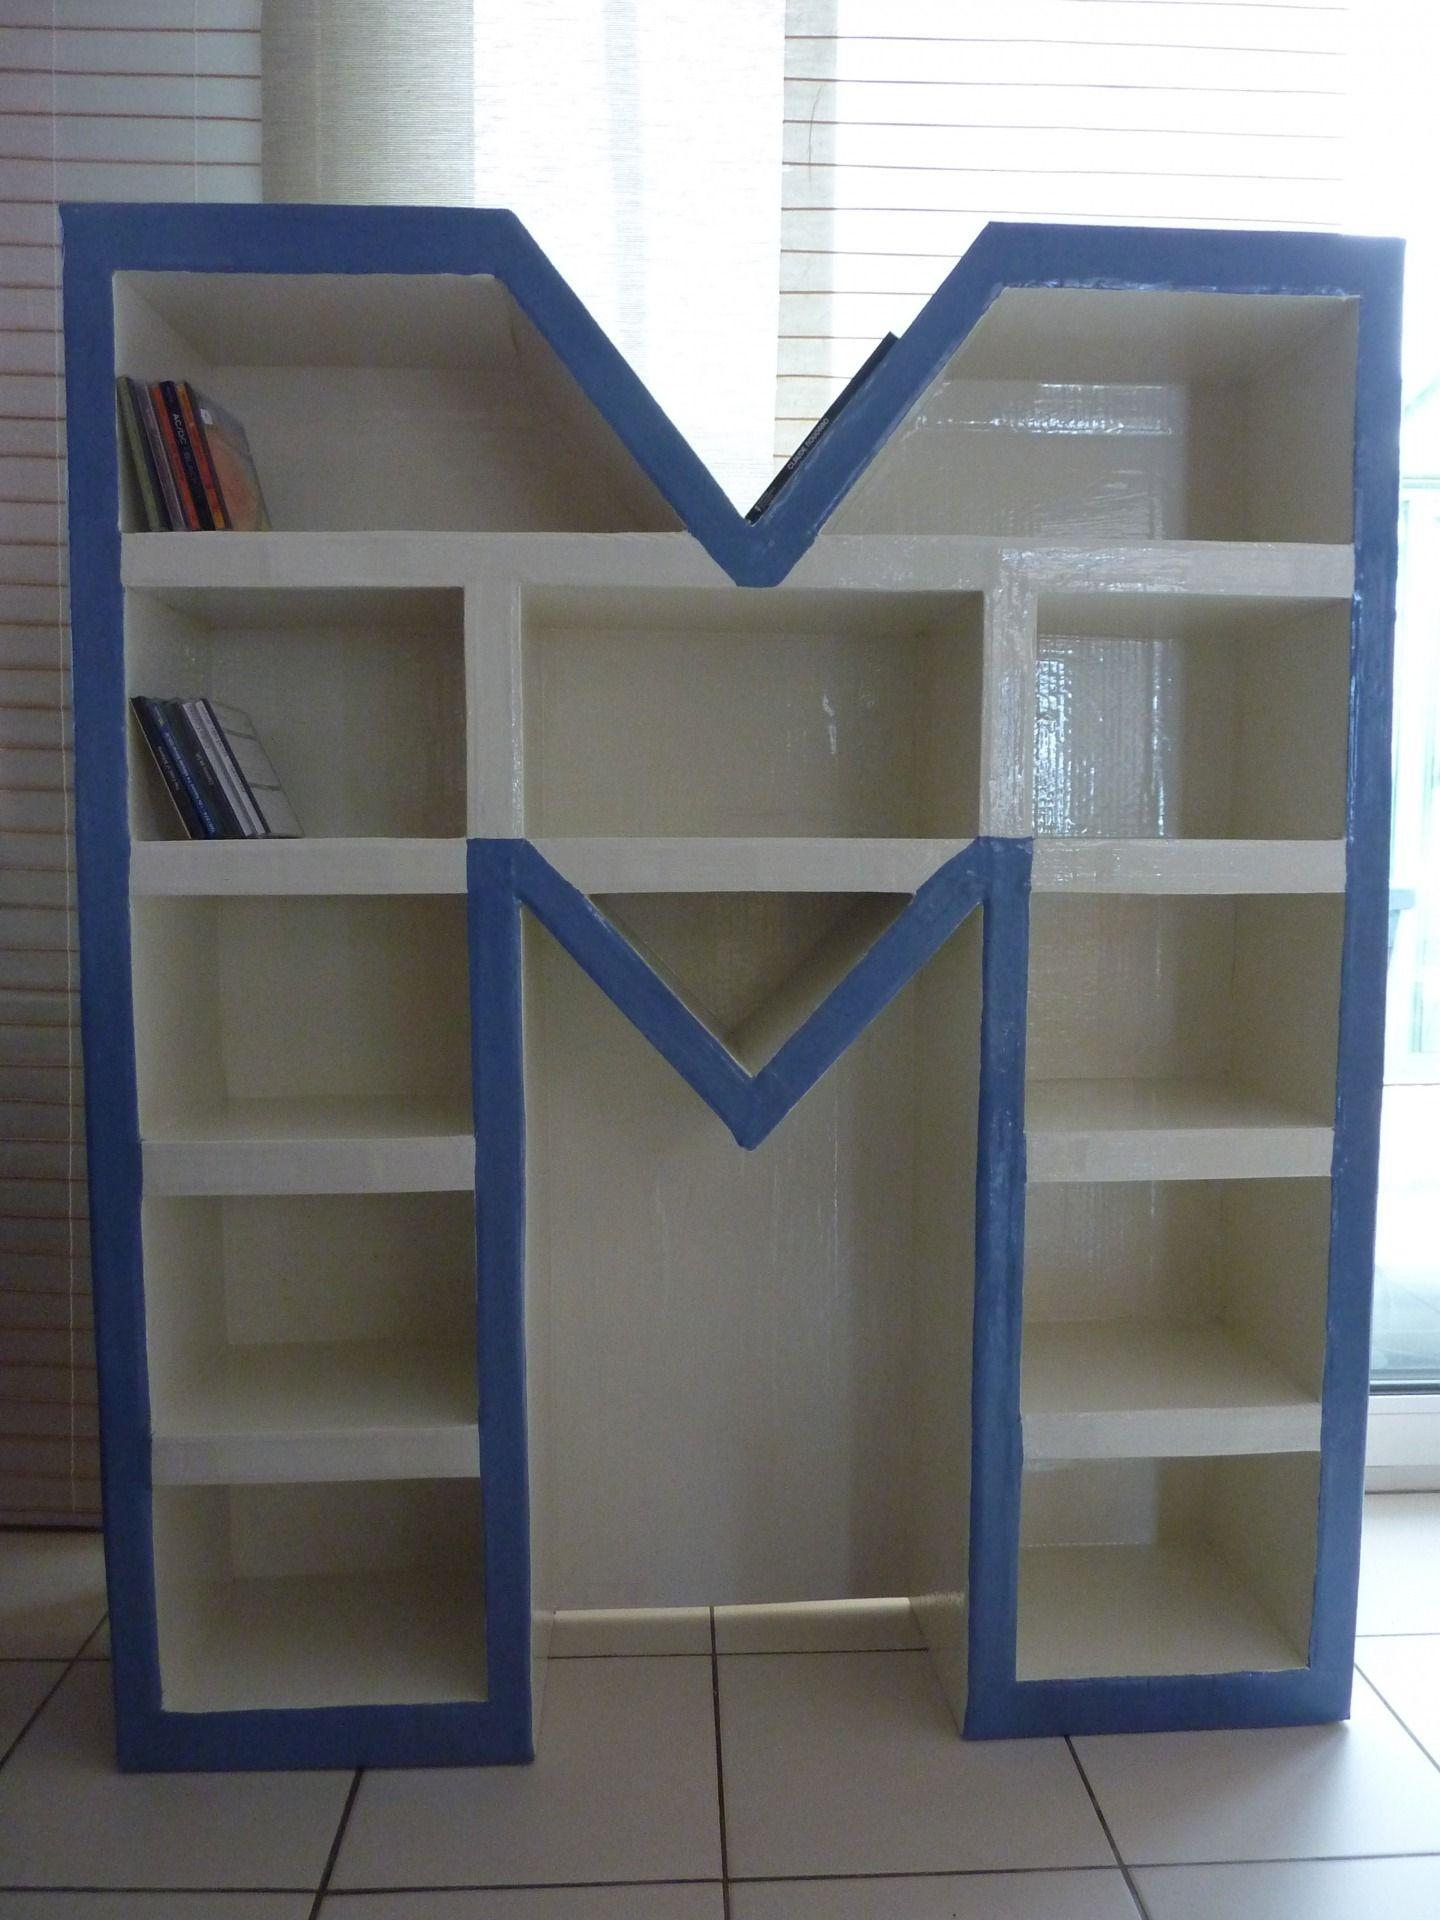 Fabriquer Une Bibliothèque En Carton meubles-et-rangements-etagere-bibliotheque-en-carton-l